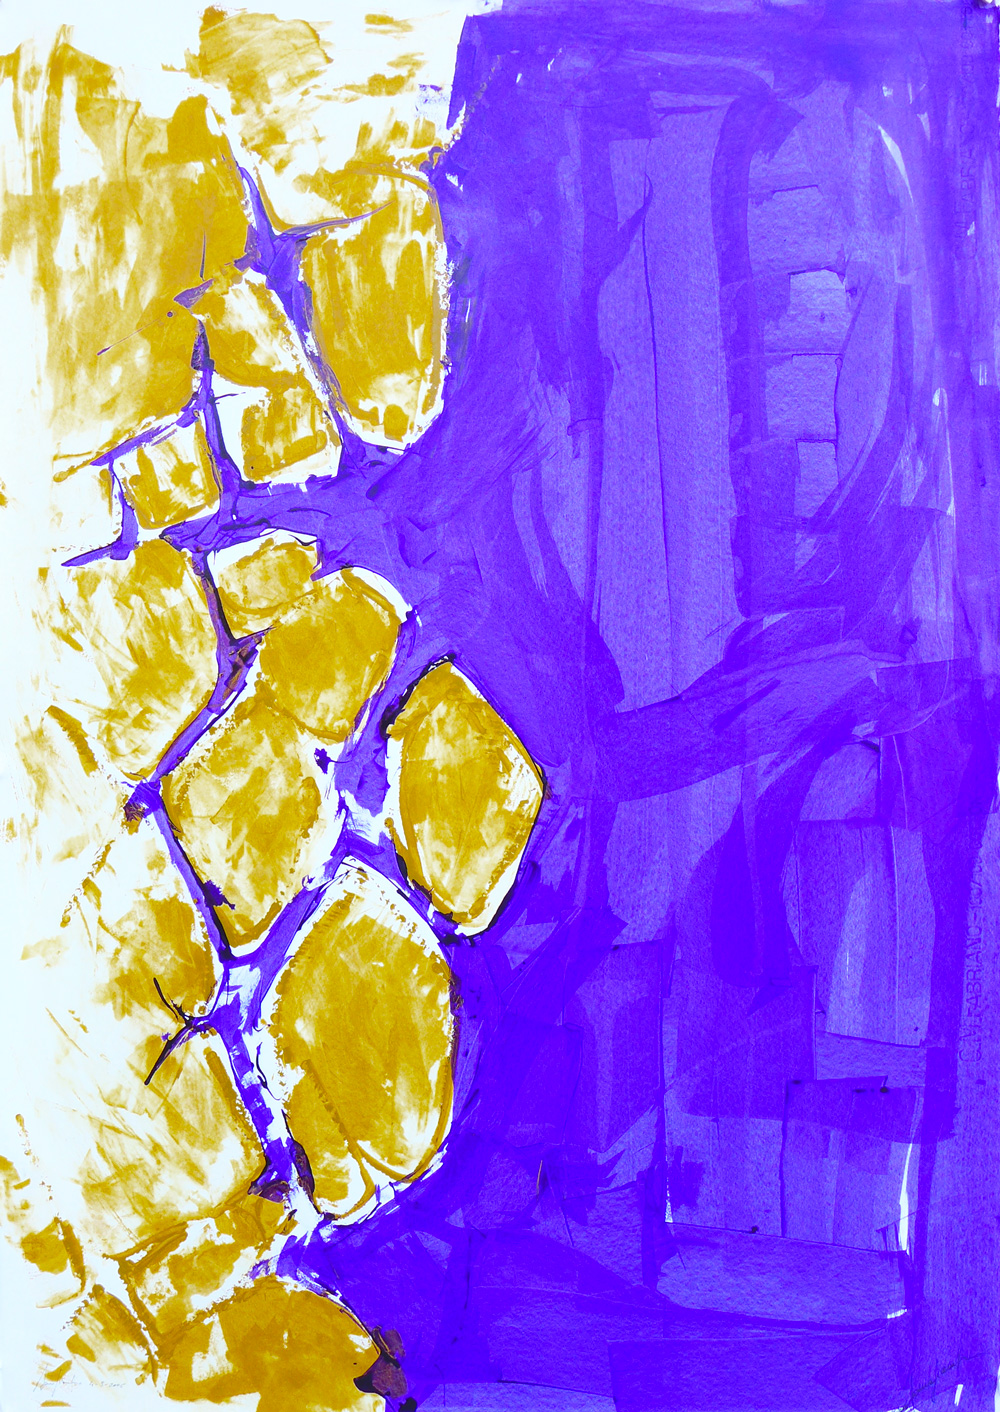 web-astrat-senape-viola-2006